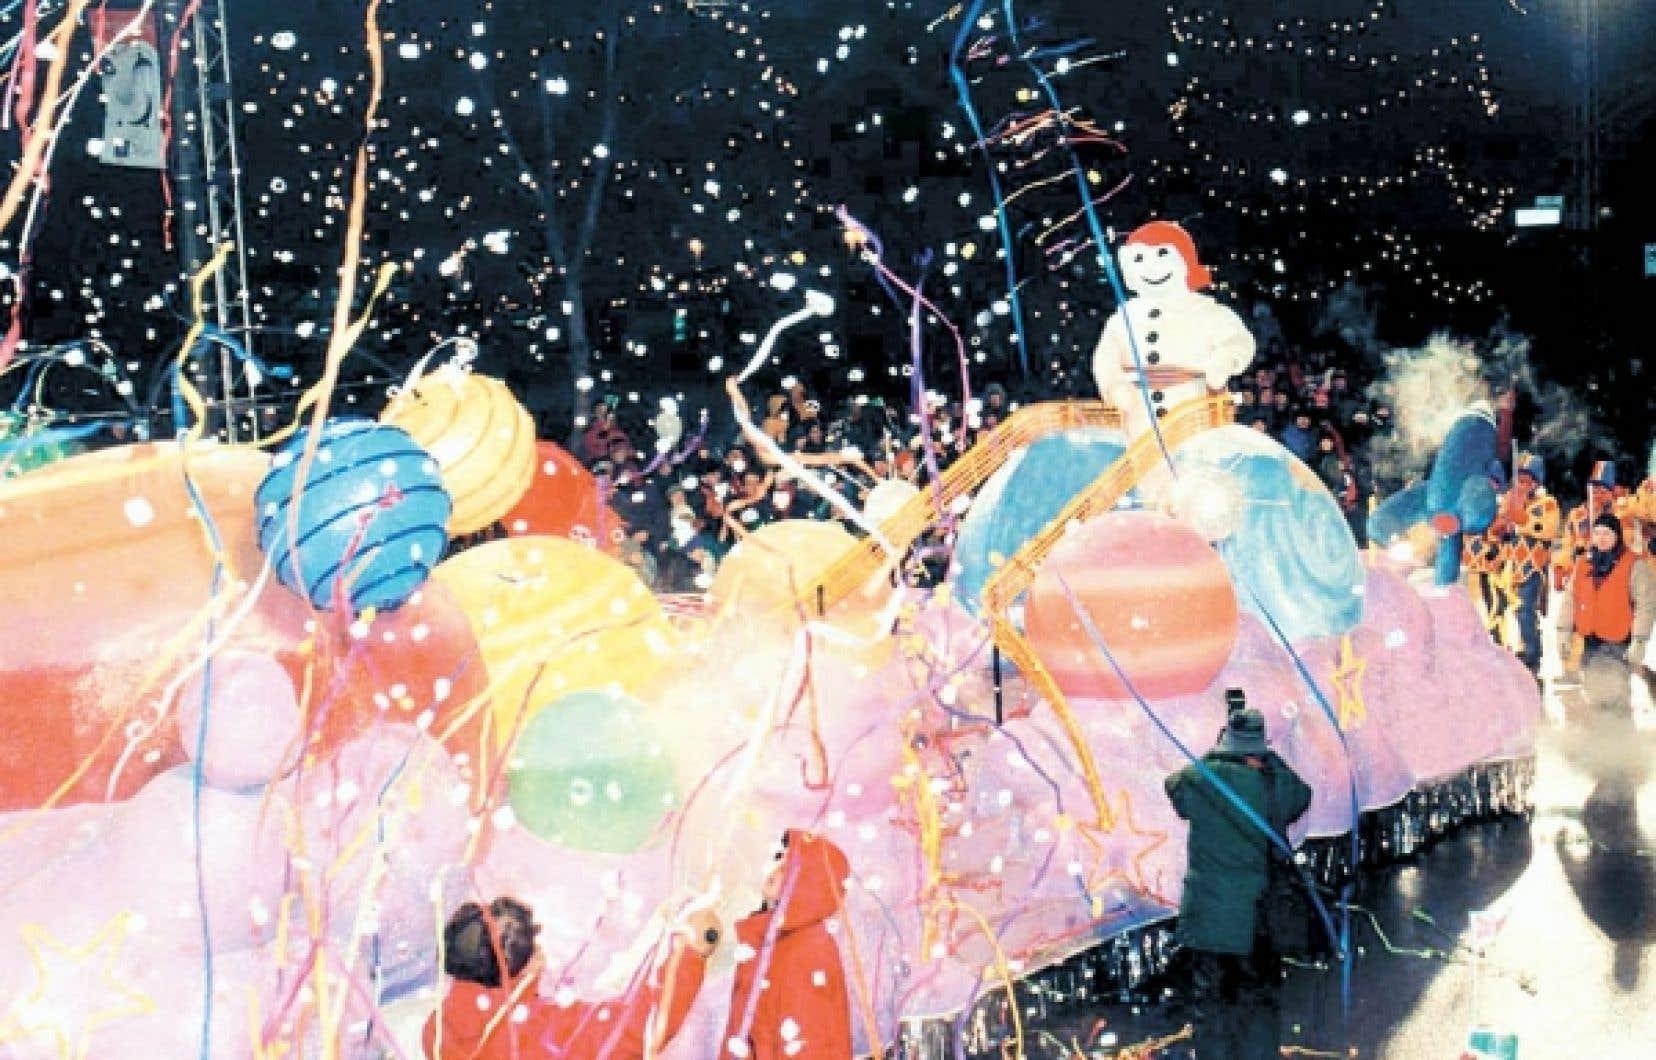 Pendant sa première fin de semaine d'activités, le Carnaval organisera notamment pour la première fois un défilé de jour dans les rues de Québec.